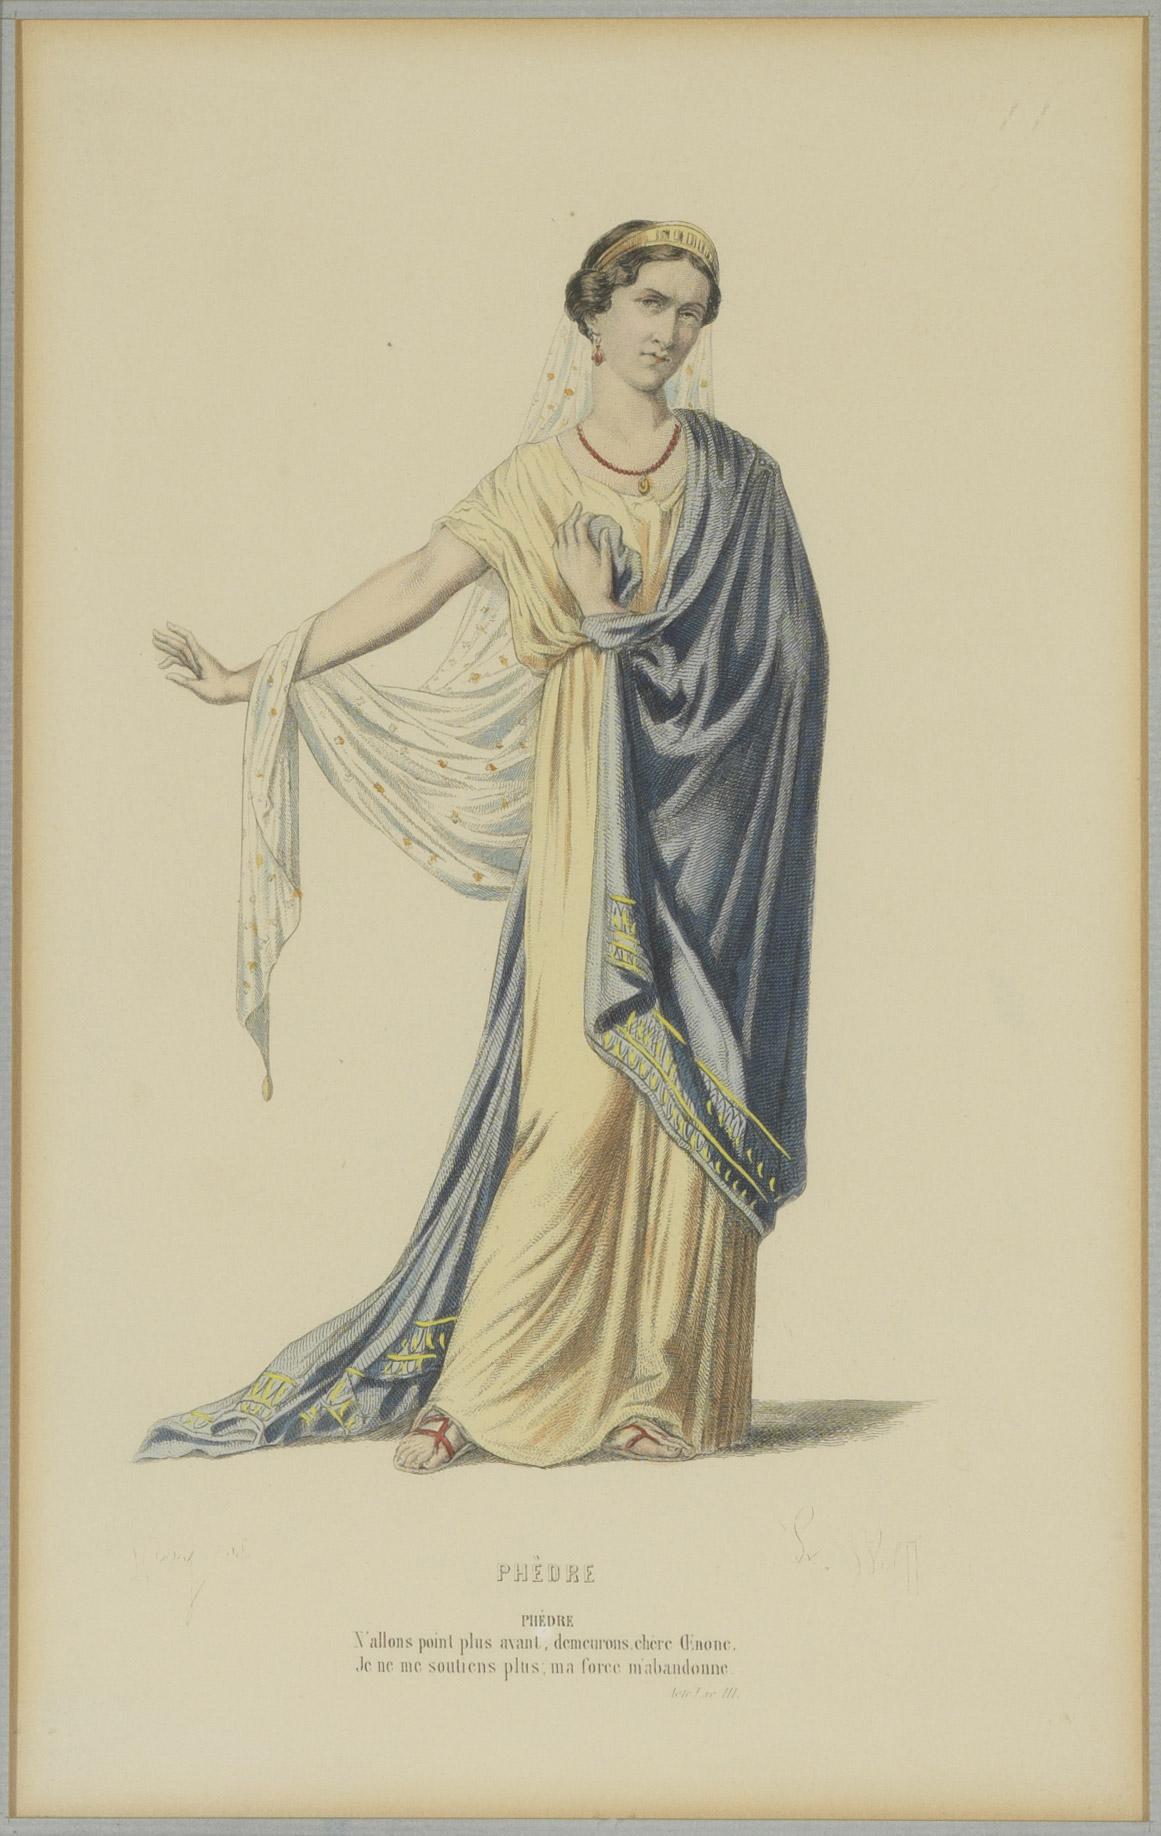 Lithographie de Rachel dans le rôle de Phèdre - Patrimoine Charles-André COLONNA WALEWSKI, en ligne directe de Napoléon